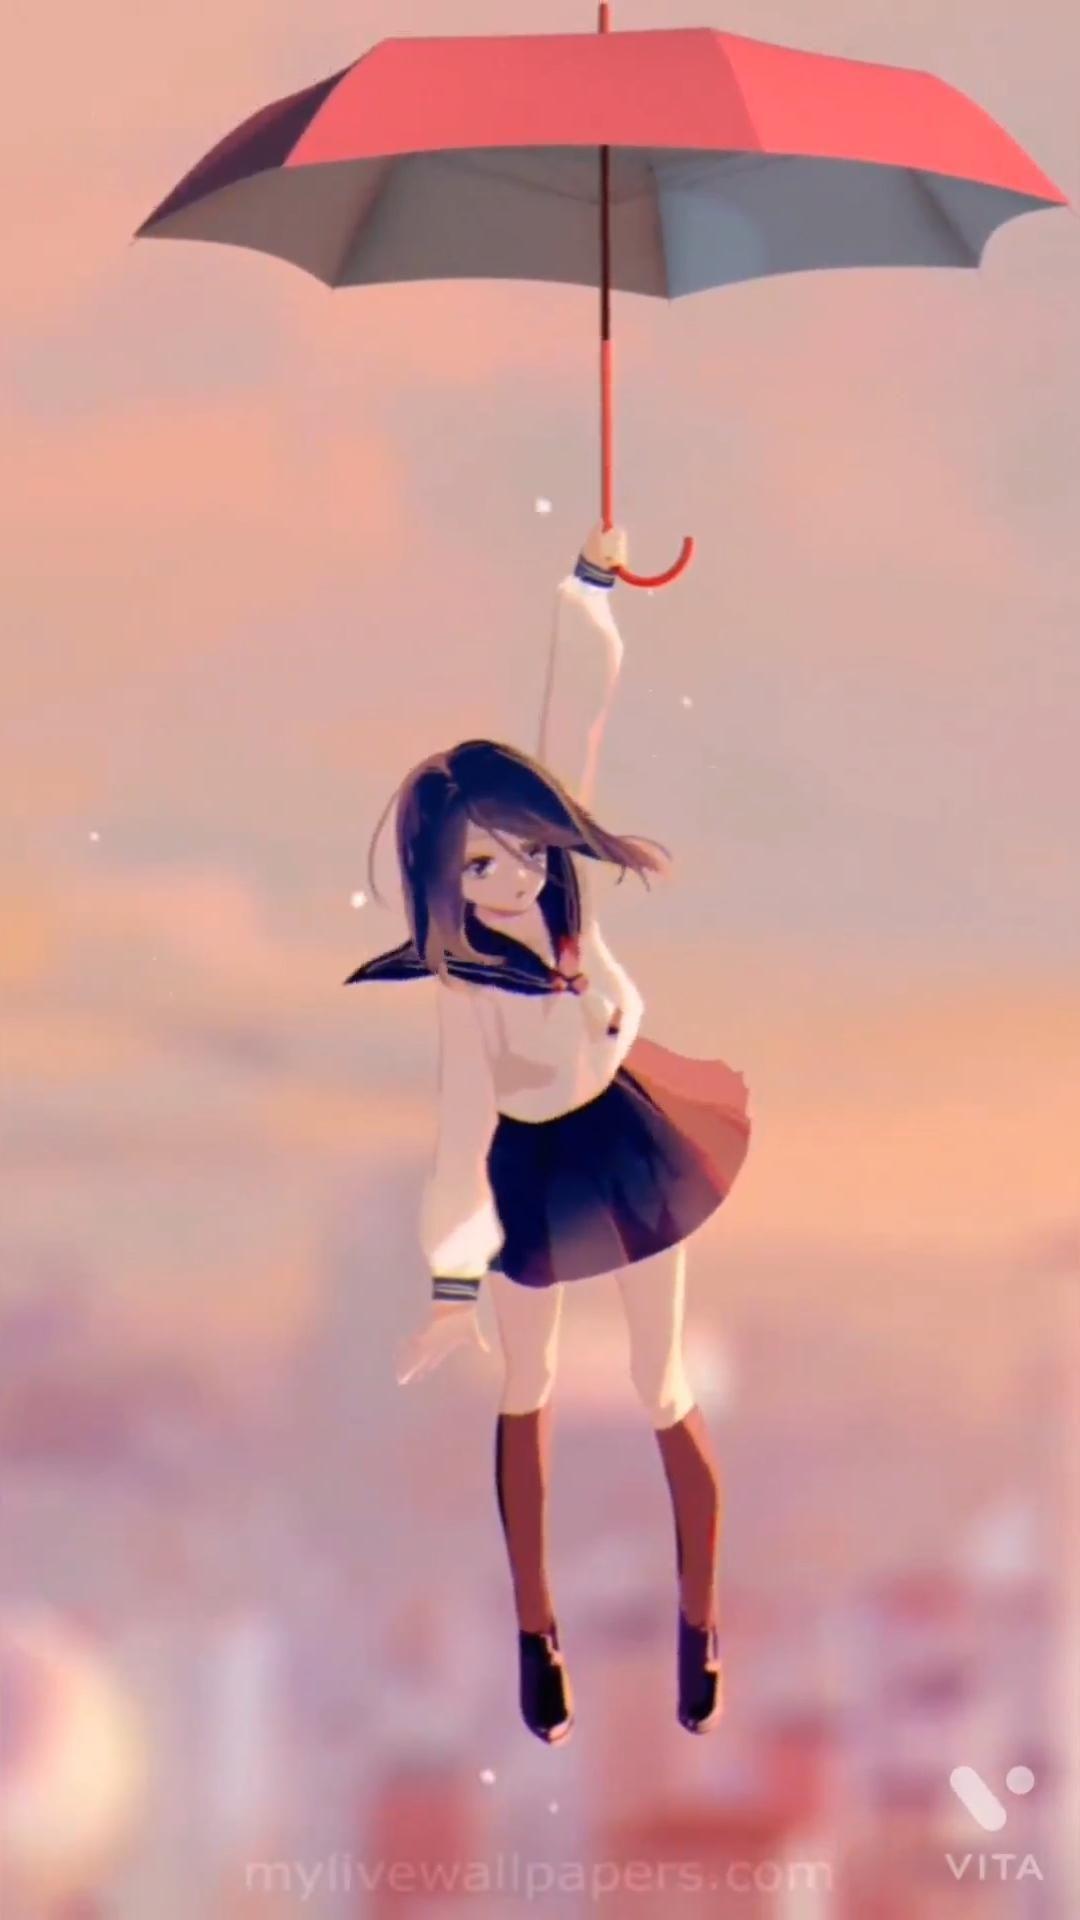 Anime girl in the sky